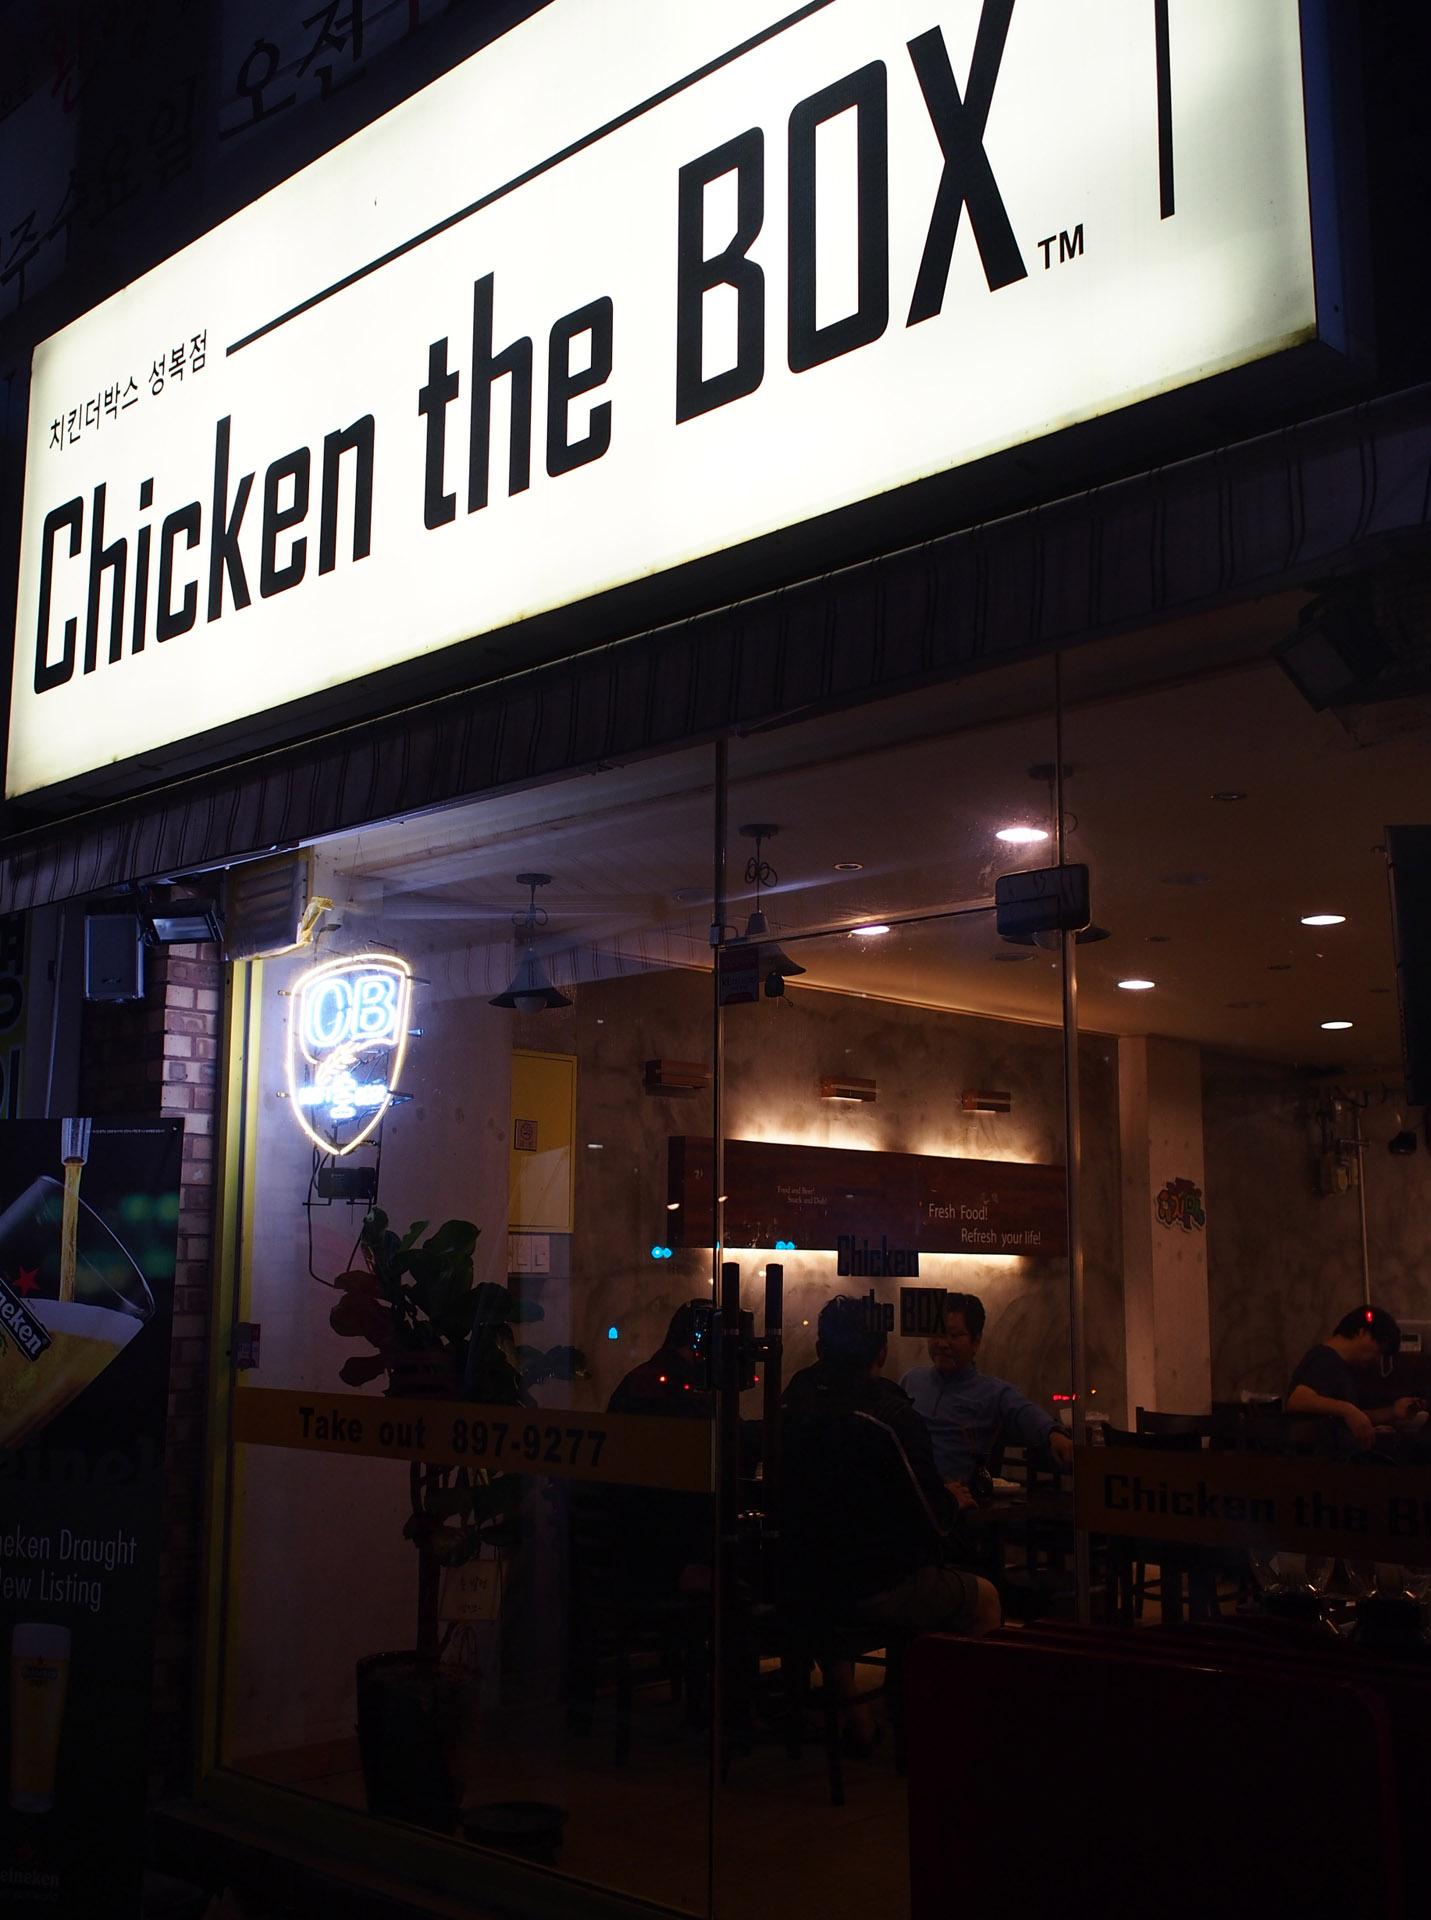 2013.10.2. 치킨더박스 성복점... 저녁 술안주가 다..